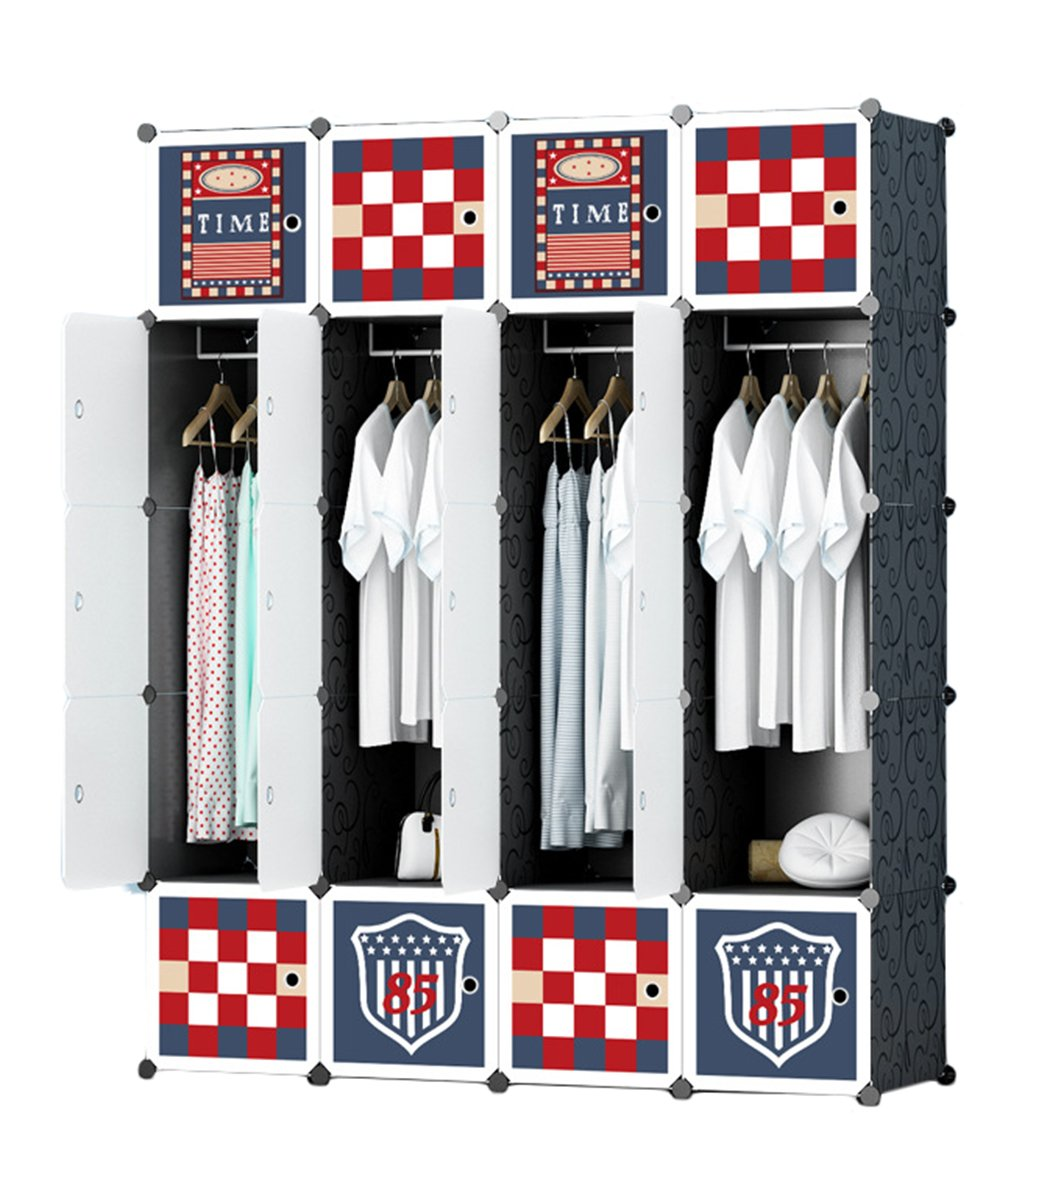 Salamaya Home DIY Portable armadio per appendere vestiti, intrecciati in plastica armadio armadietto modulare Armoire organizer Closet ripiano per spaziatura Save, scarpe, a cubo, ABS, 12 Cubes